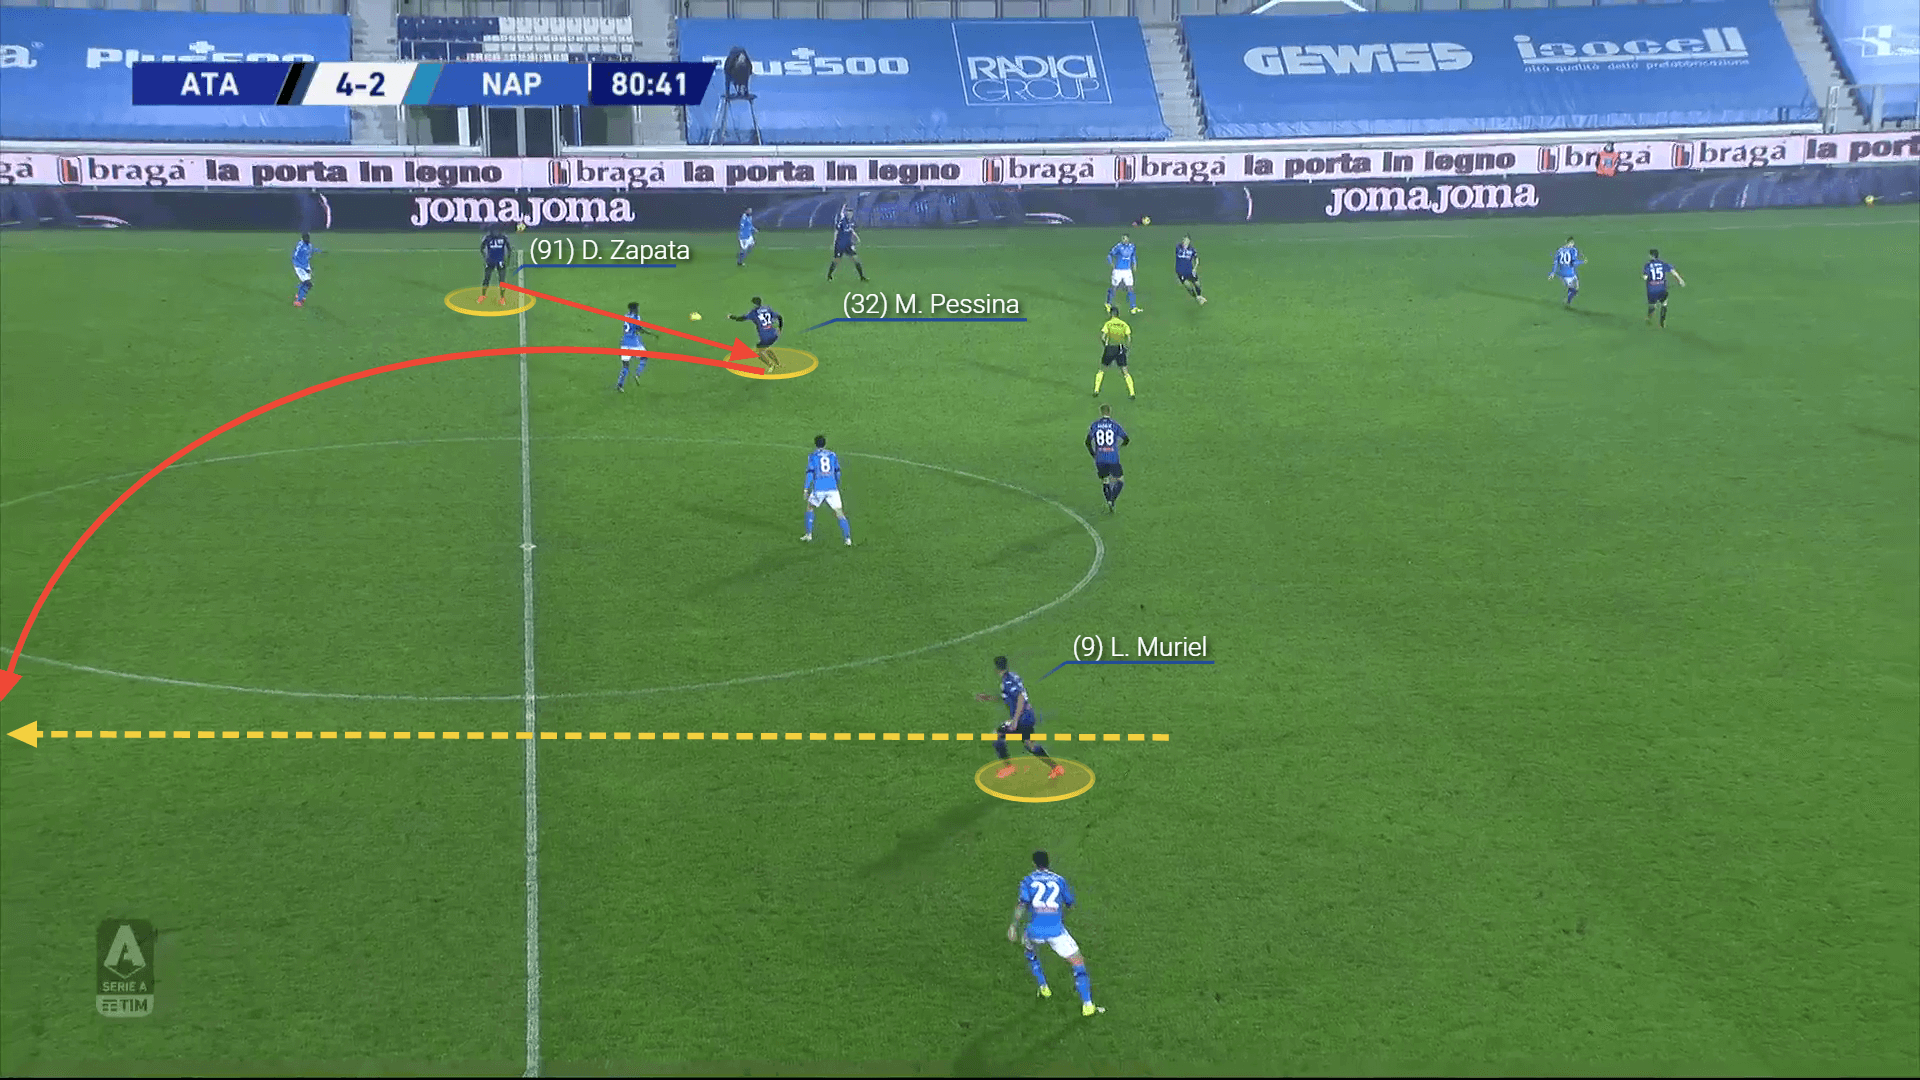 Matteo Pessina at Atalanta - scout report tactical analysis tactics